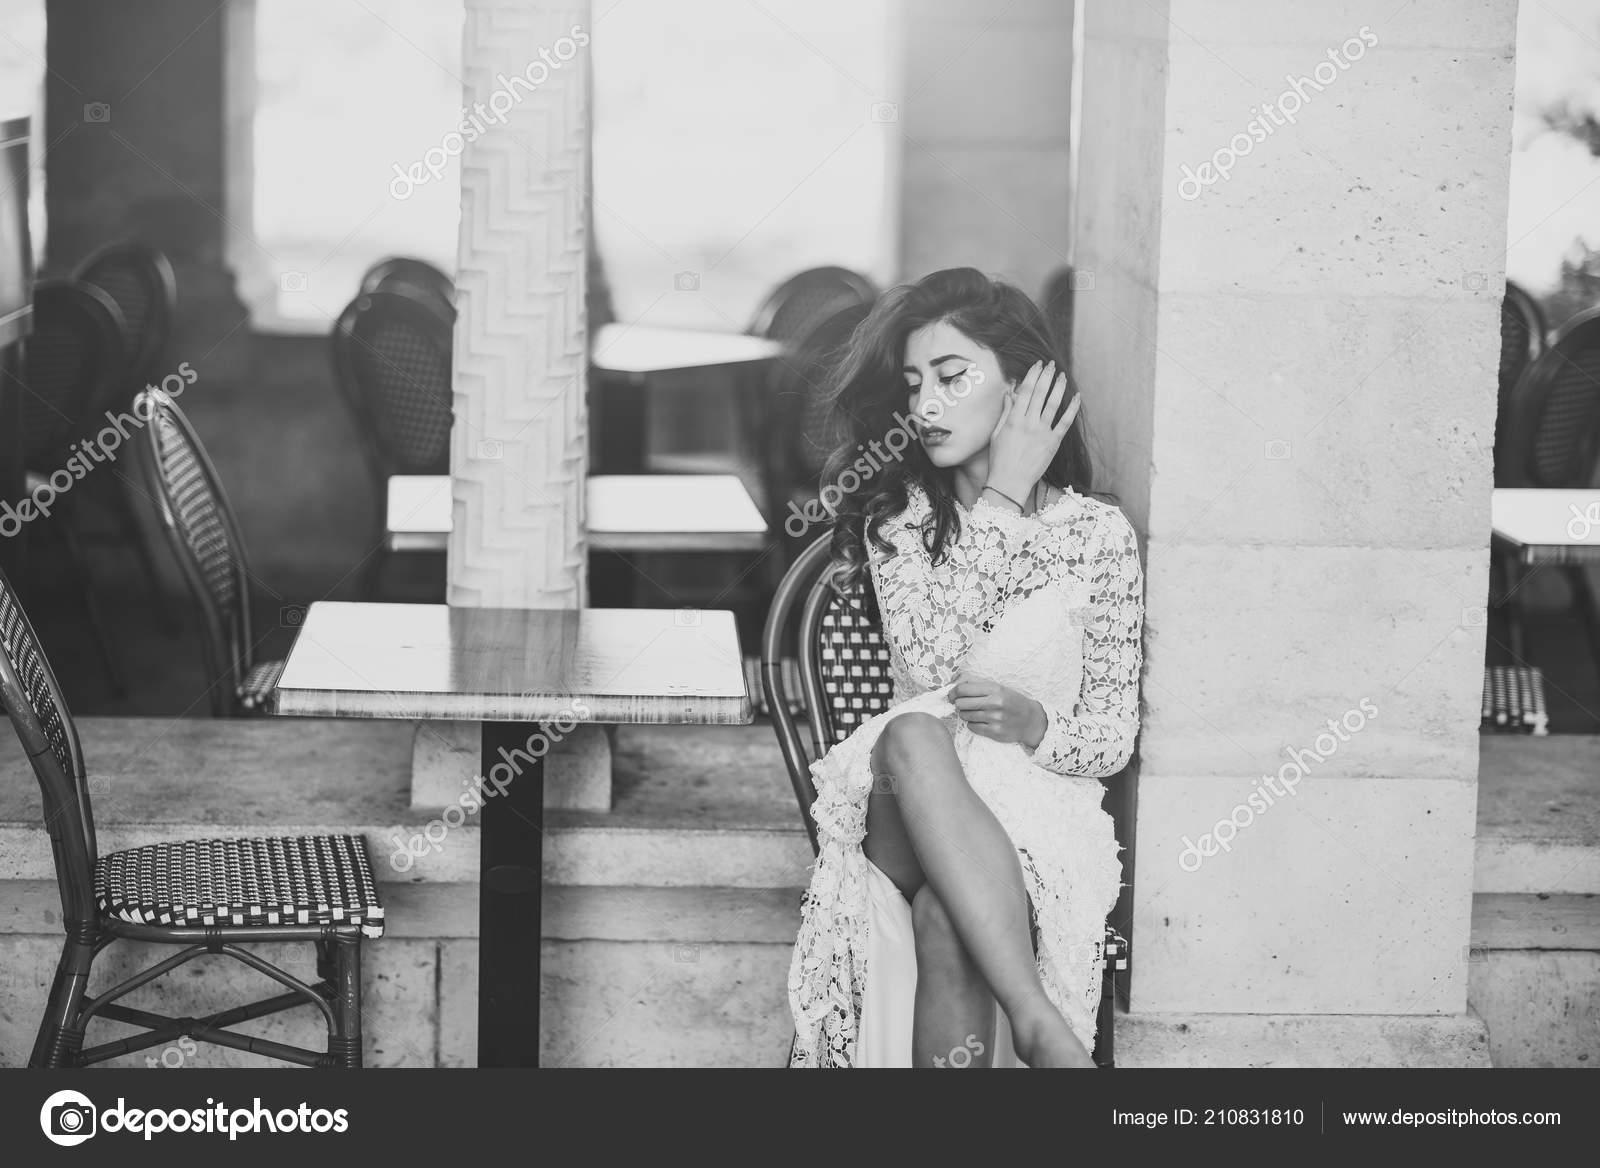 c0526dc0e17 Femme en robe blanche extérieure. Femme sexy s asseoir seul dans le café de  rue. Mannequin avec le look glamour et maquillage. Fille aux cheveux longs  brune ...